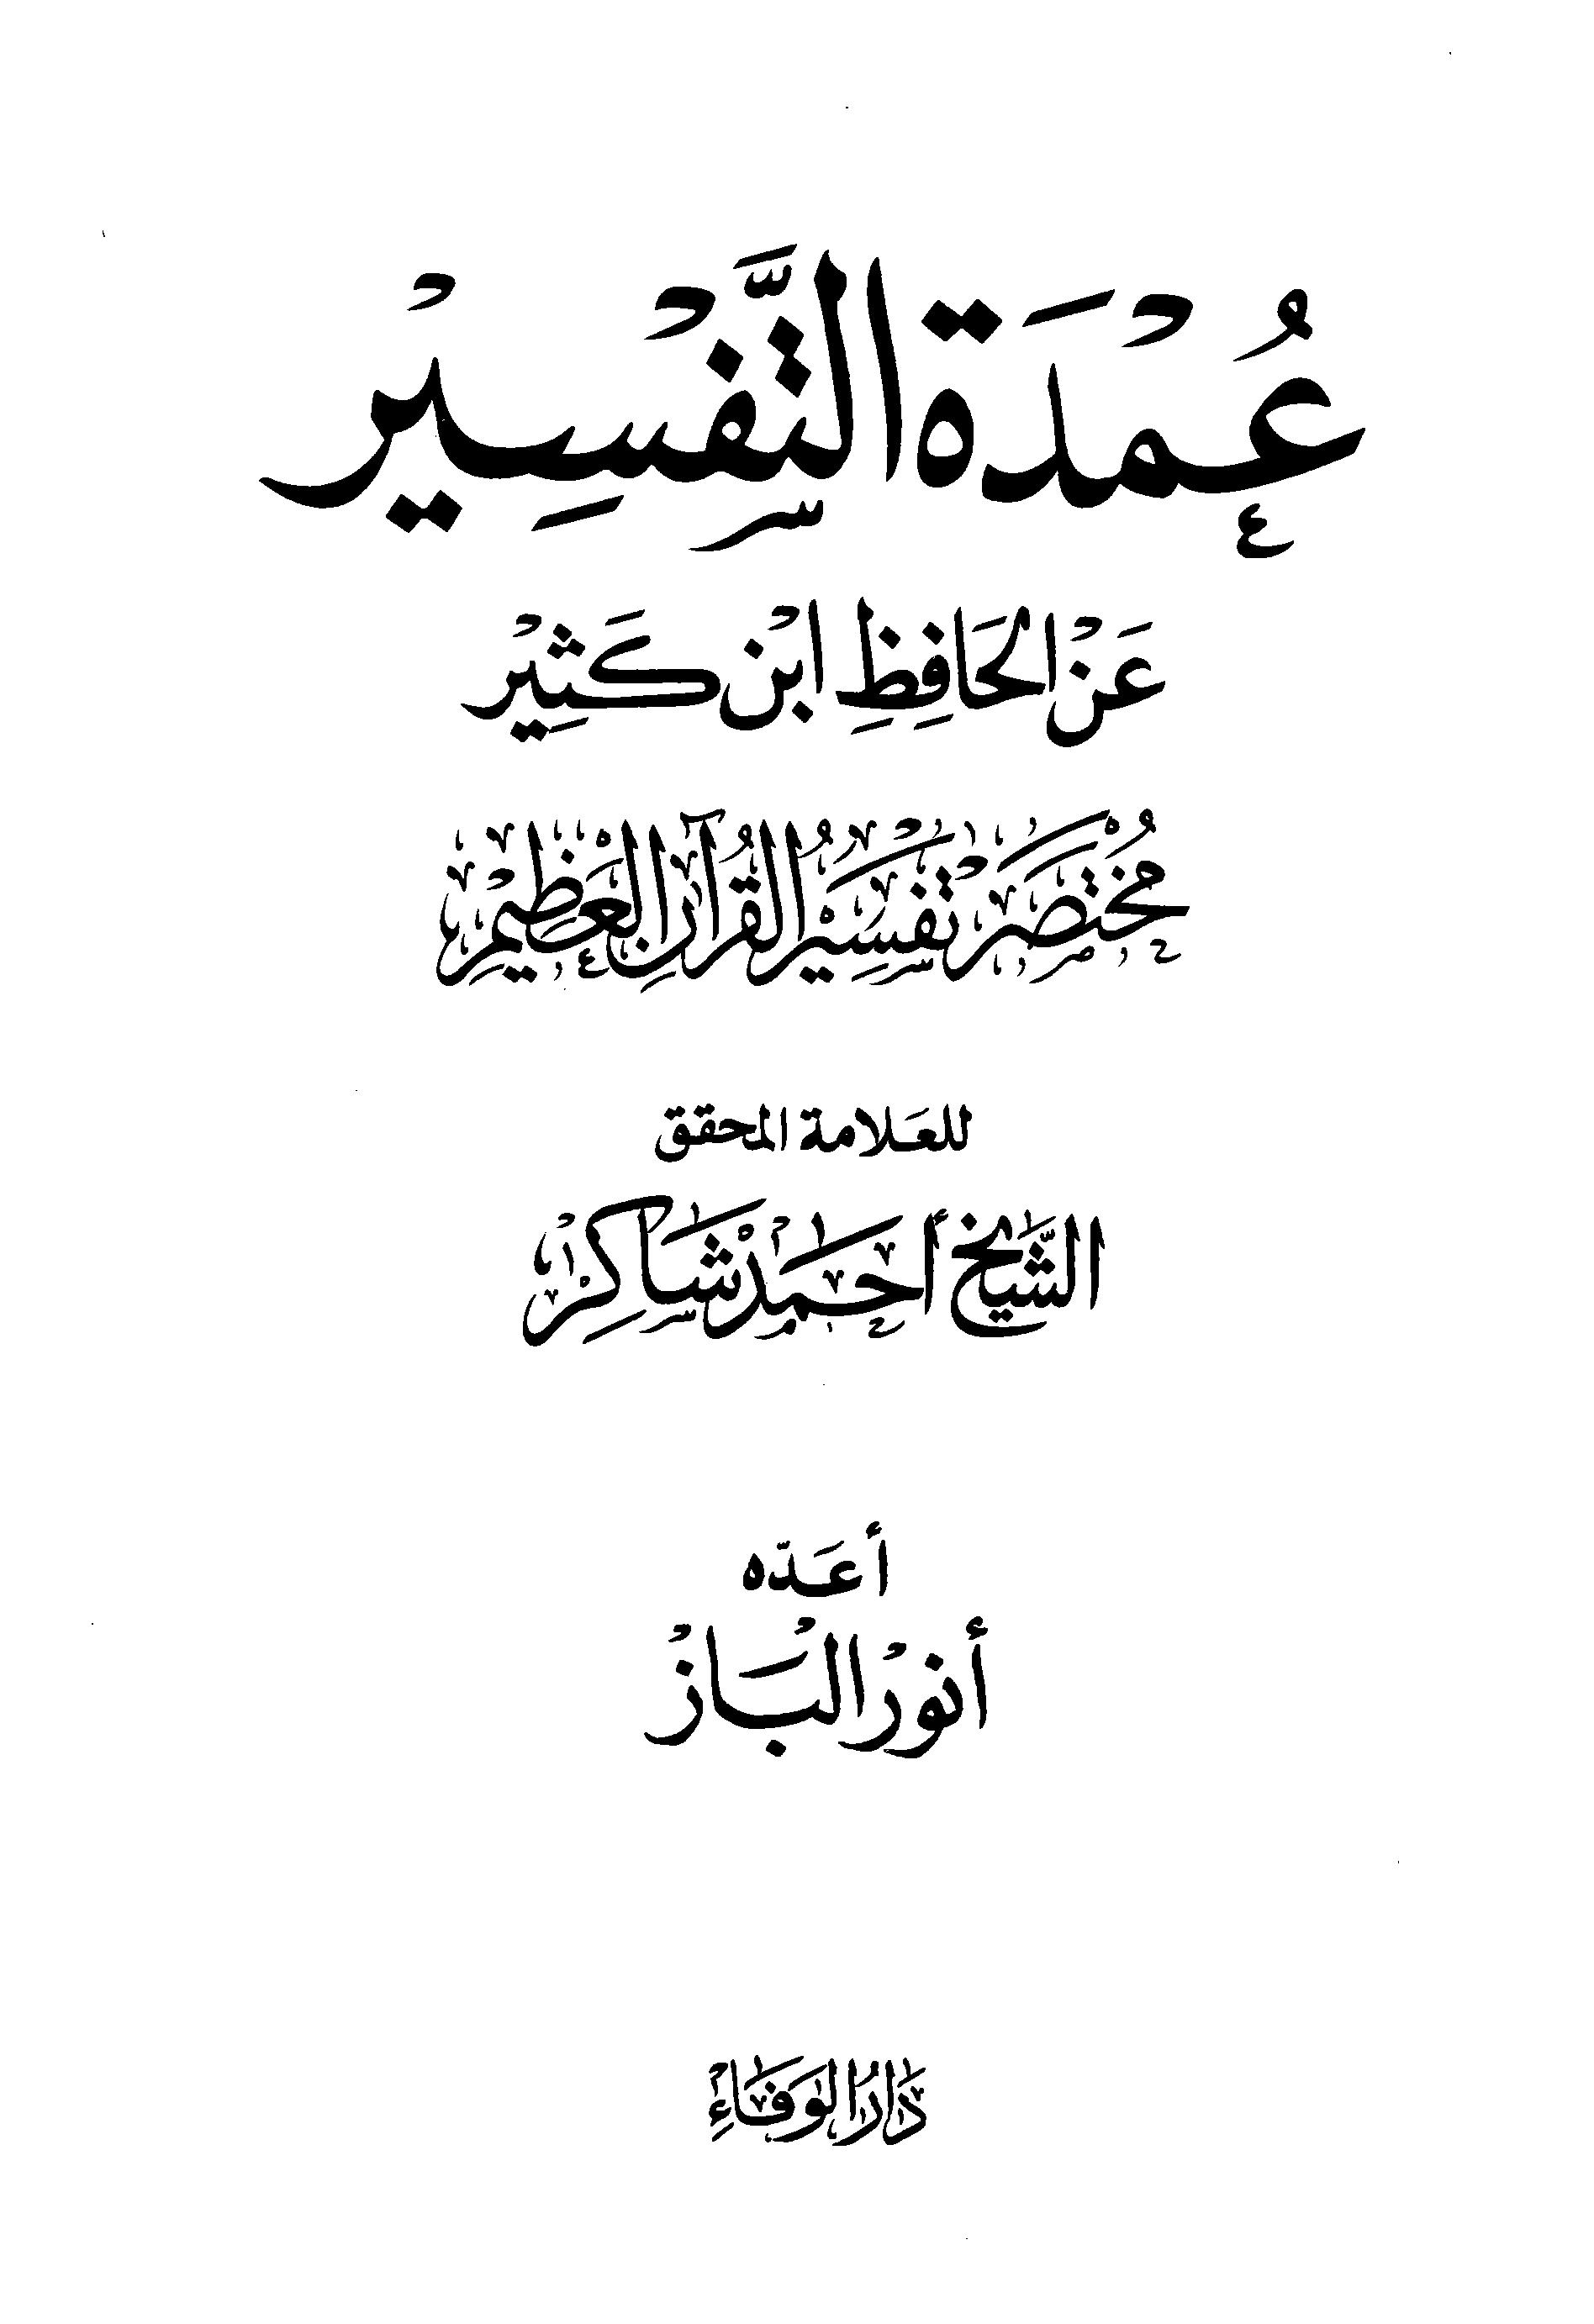 تحميل كتاب عمدة التفسير عن الحافظ ابن كثير (ط. الوفاء) لـِ: الشيخ أبو الأشبال أحمد بن محمد شاكر بن أحمد بن عبد القادر (ت 1377)